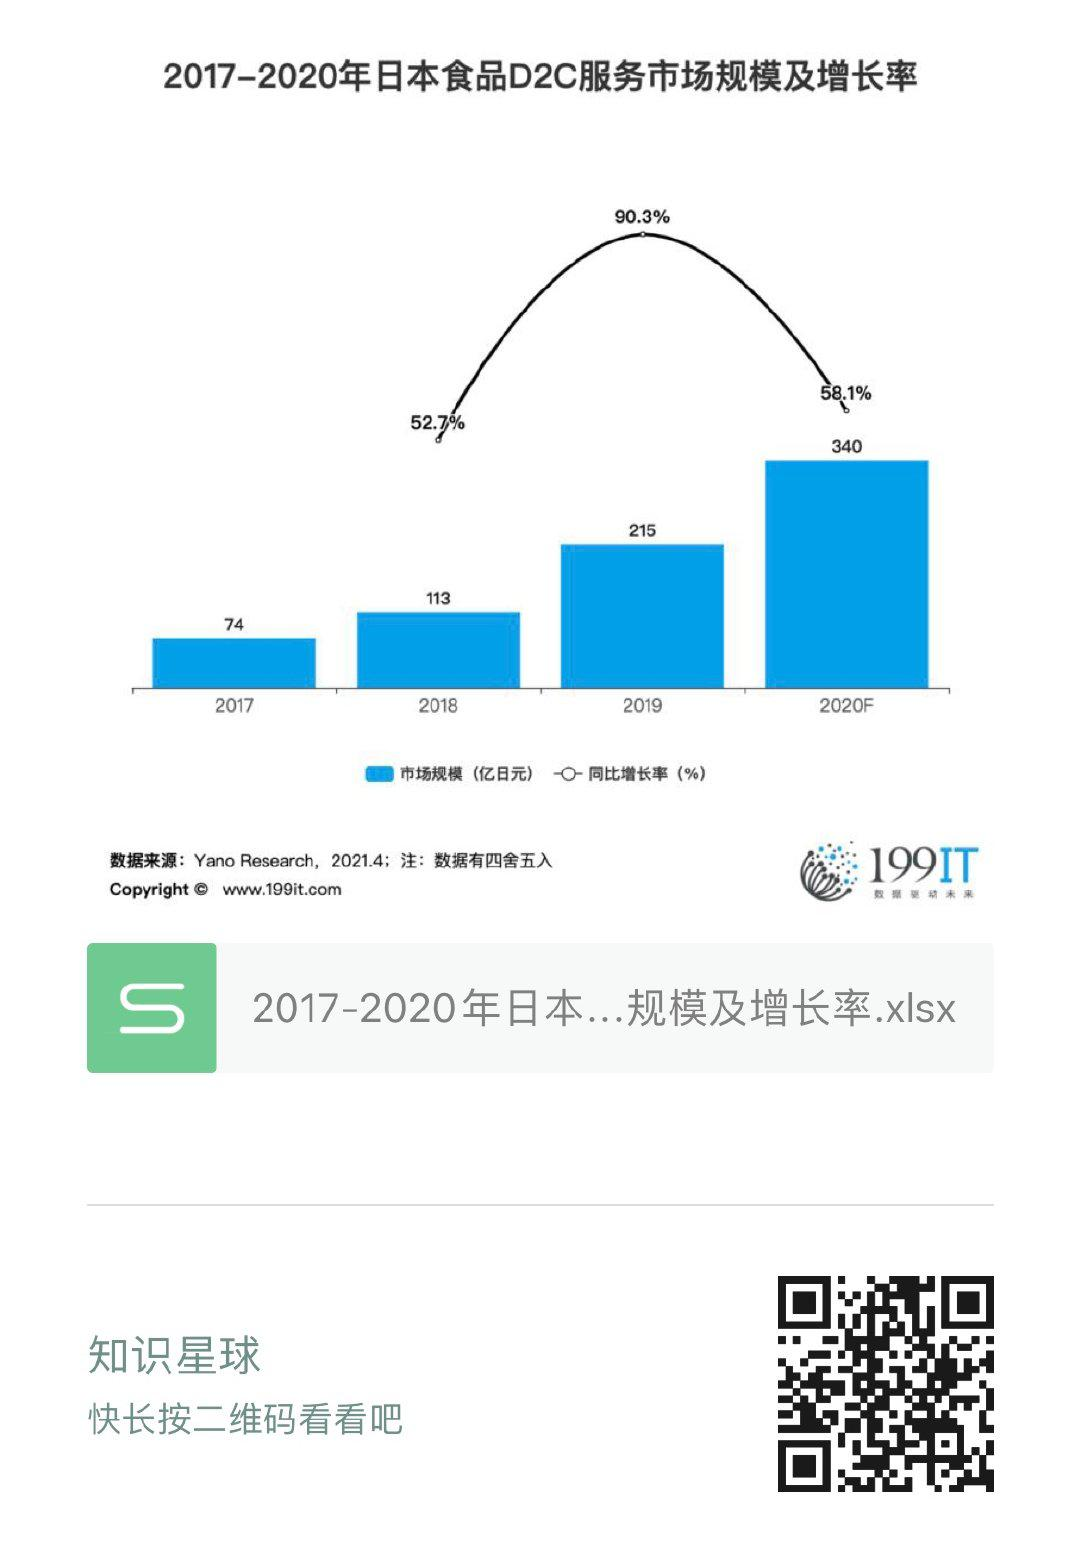 2017-2020年日本食品D2C服務市場規模及增長率(附原資料表) 